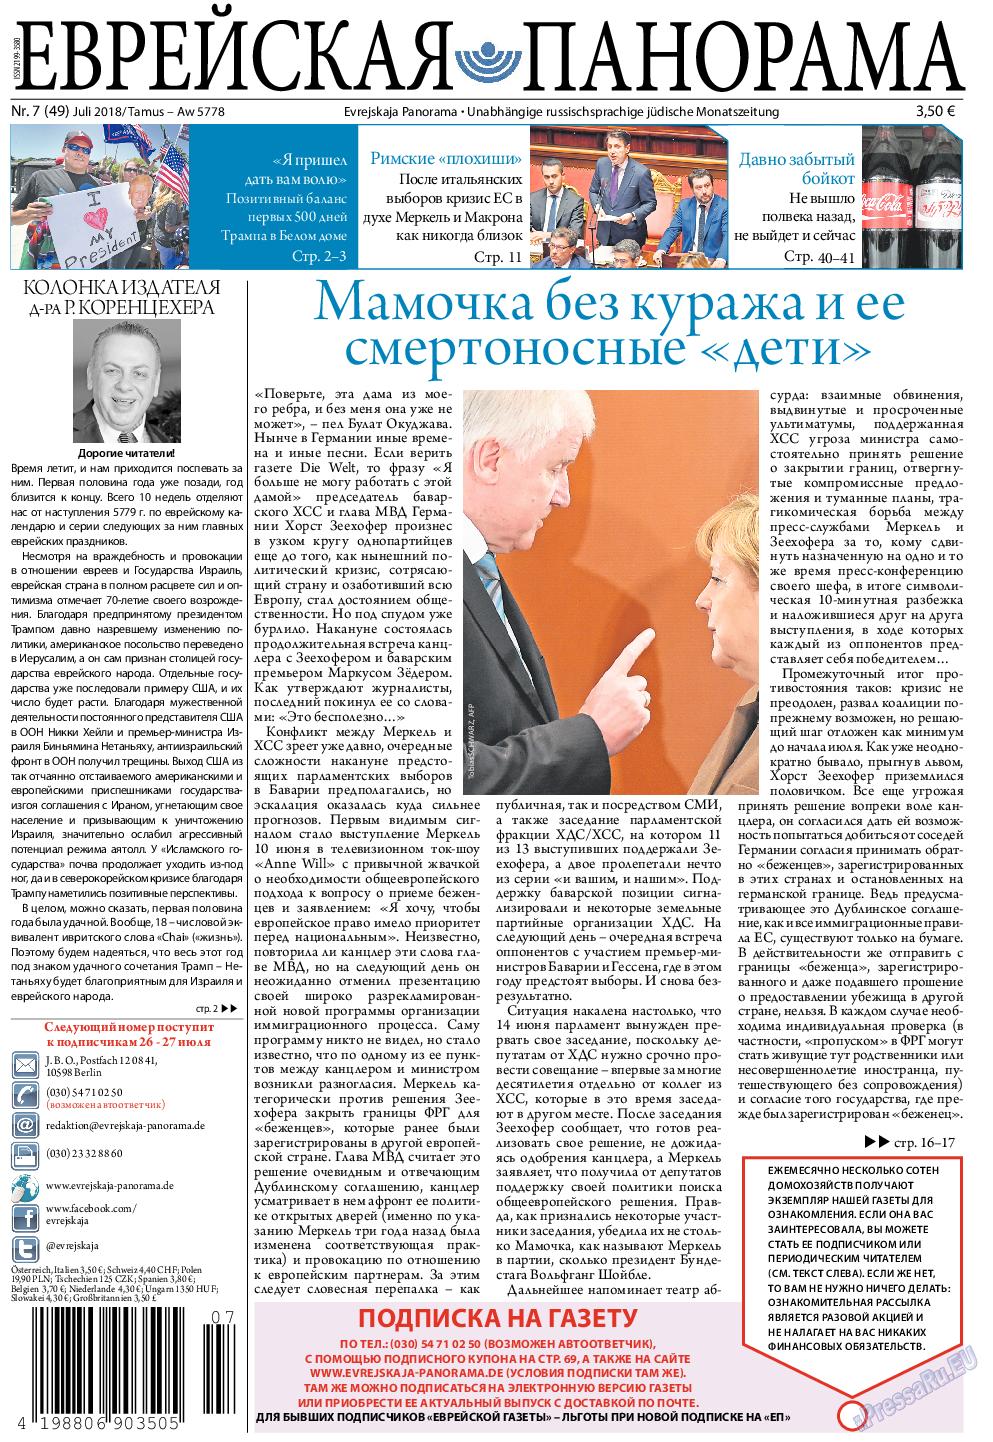 Еврейская панорама (газета). 2018 год, номер 7, стр. 1